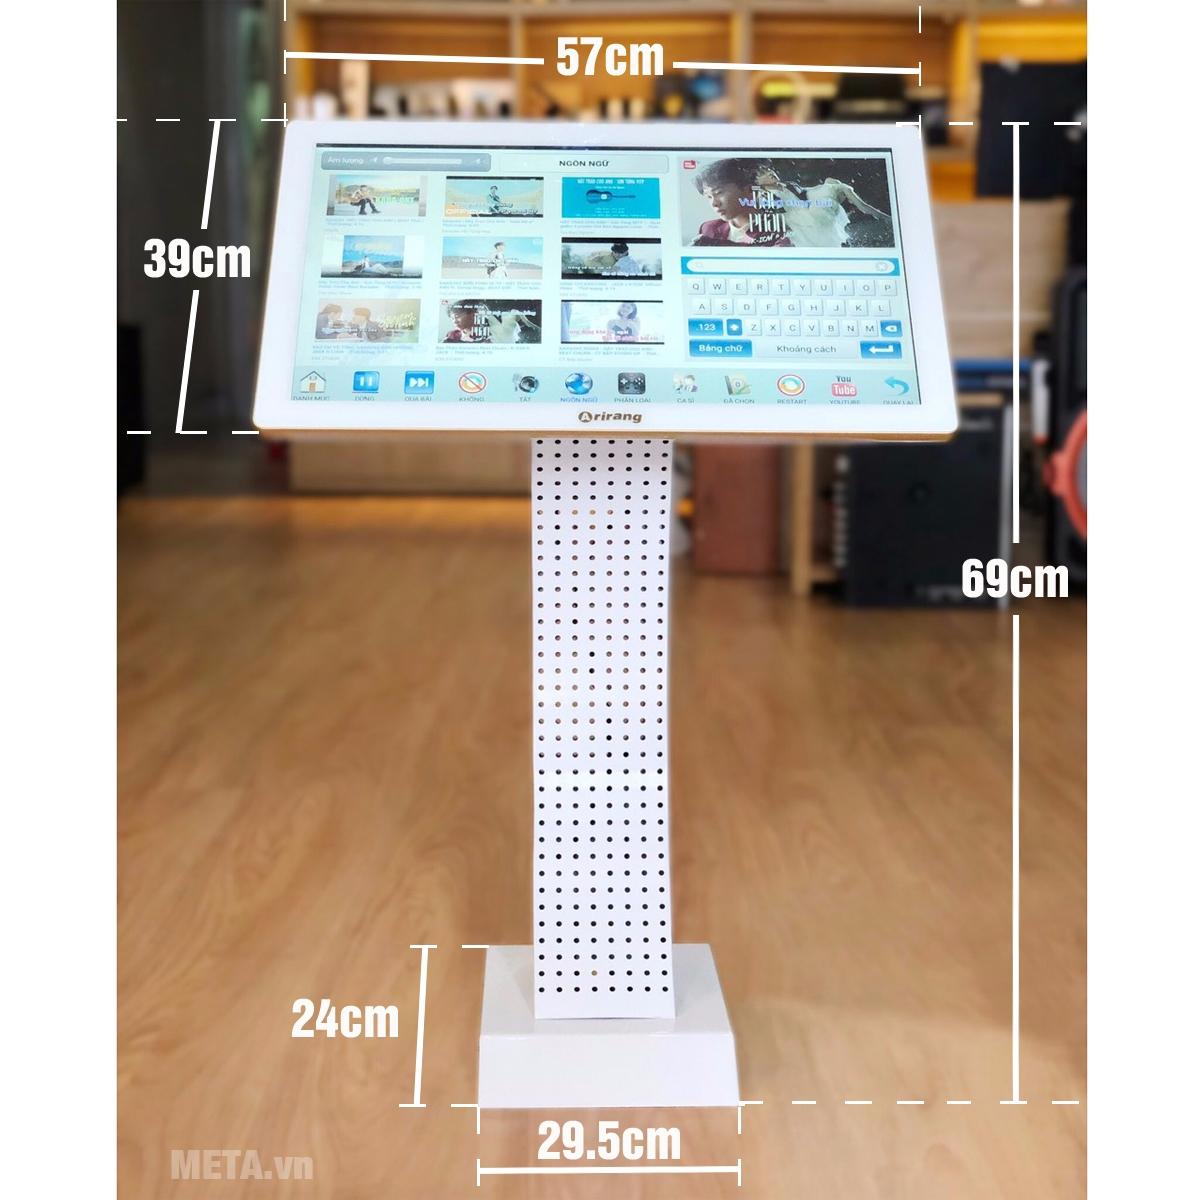 Kích thước đầu karaoke tích hợp màn hình cảm ứng Arirang K1